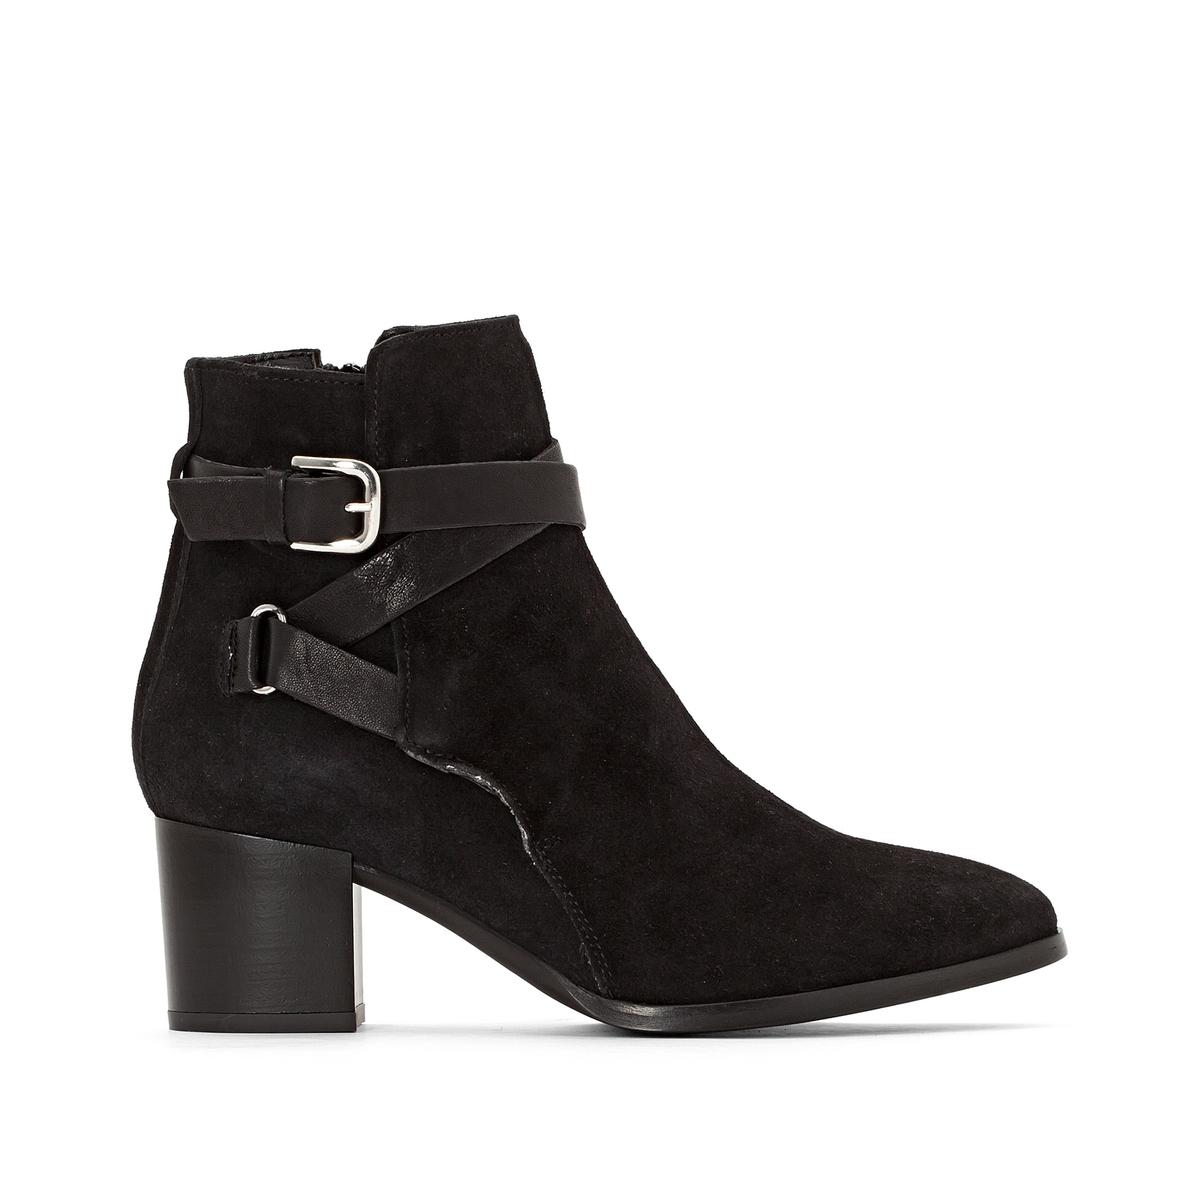 Ботильоны кожаные на каблуке MaddieПодкладка : Кожа   Стелька: Кожа   Подошва: эластомер    Высота каблука: 13 смВысота каблука: 8 смФорма каблука : ШирокийНосок : ЗакругленныйЗастежка: Застежка на молнию<br><br>Цвет: темно-синий,черный<br>Размер: 39.41